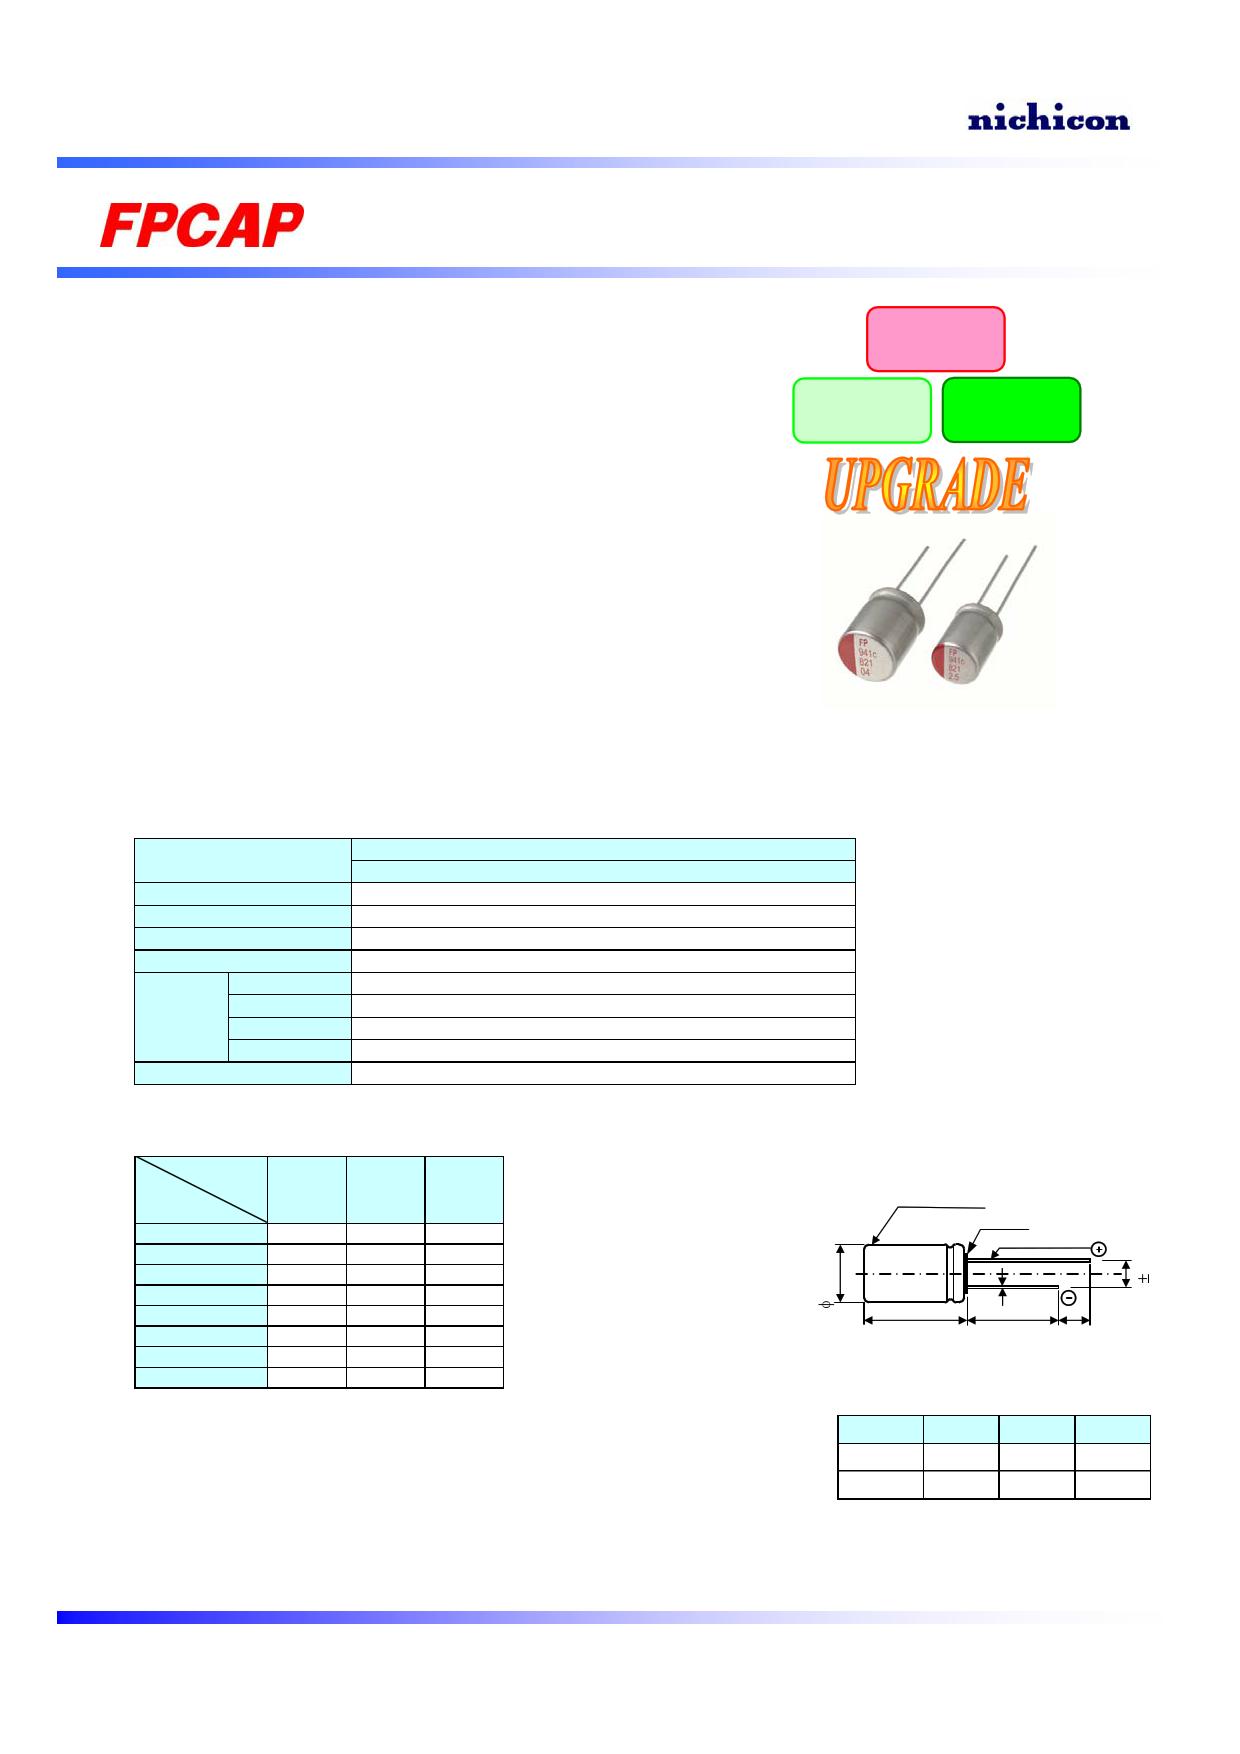 RR50J681MDN1KX 데이터시트 및 RR50J681MDN1KX PDF